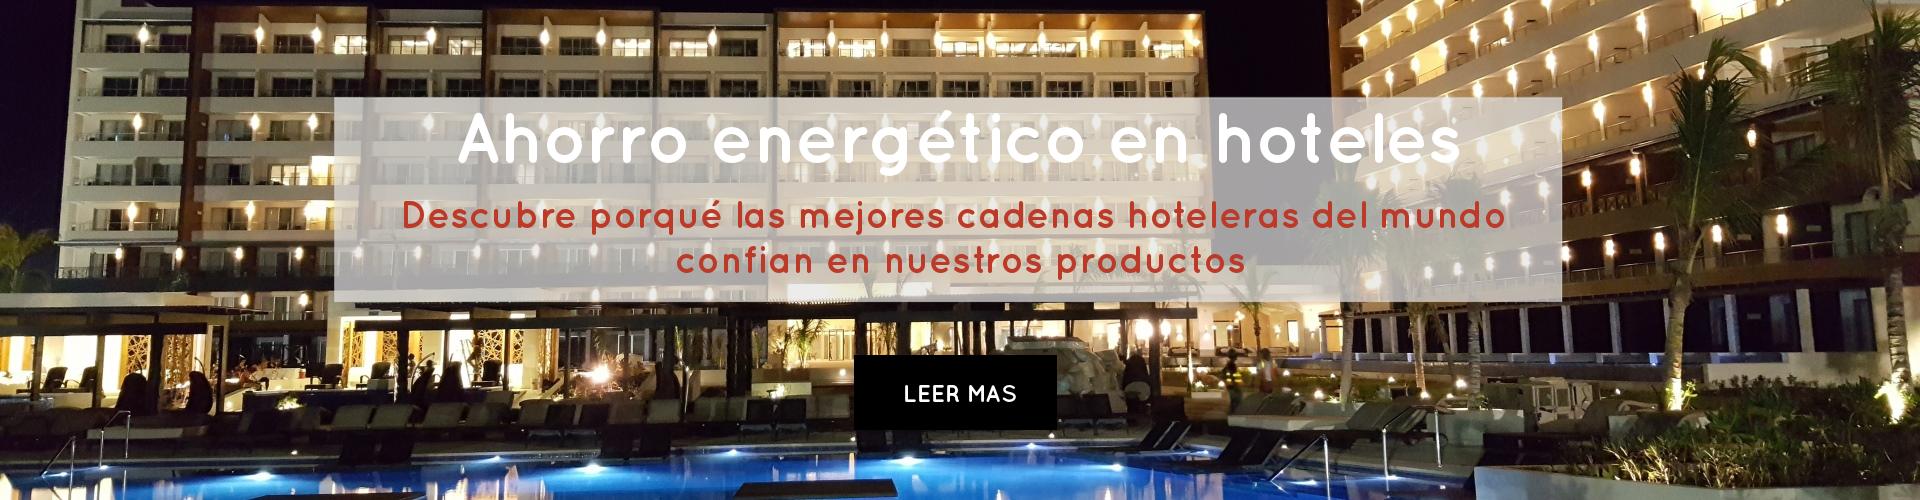 ahorro energetico en hoteles descubre porque las mejores cadenas hoteleras del mundo confian en nuestros productos